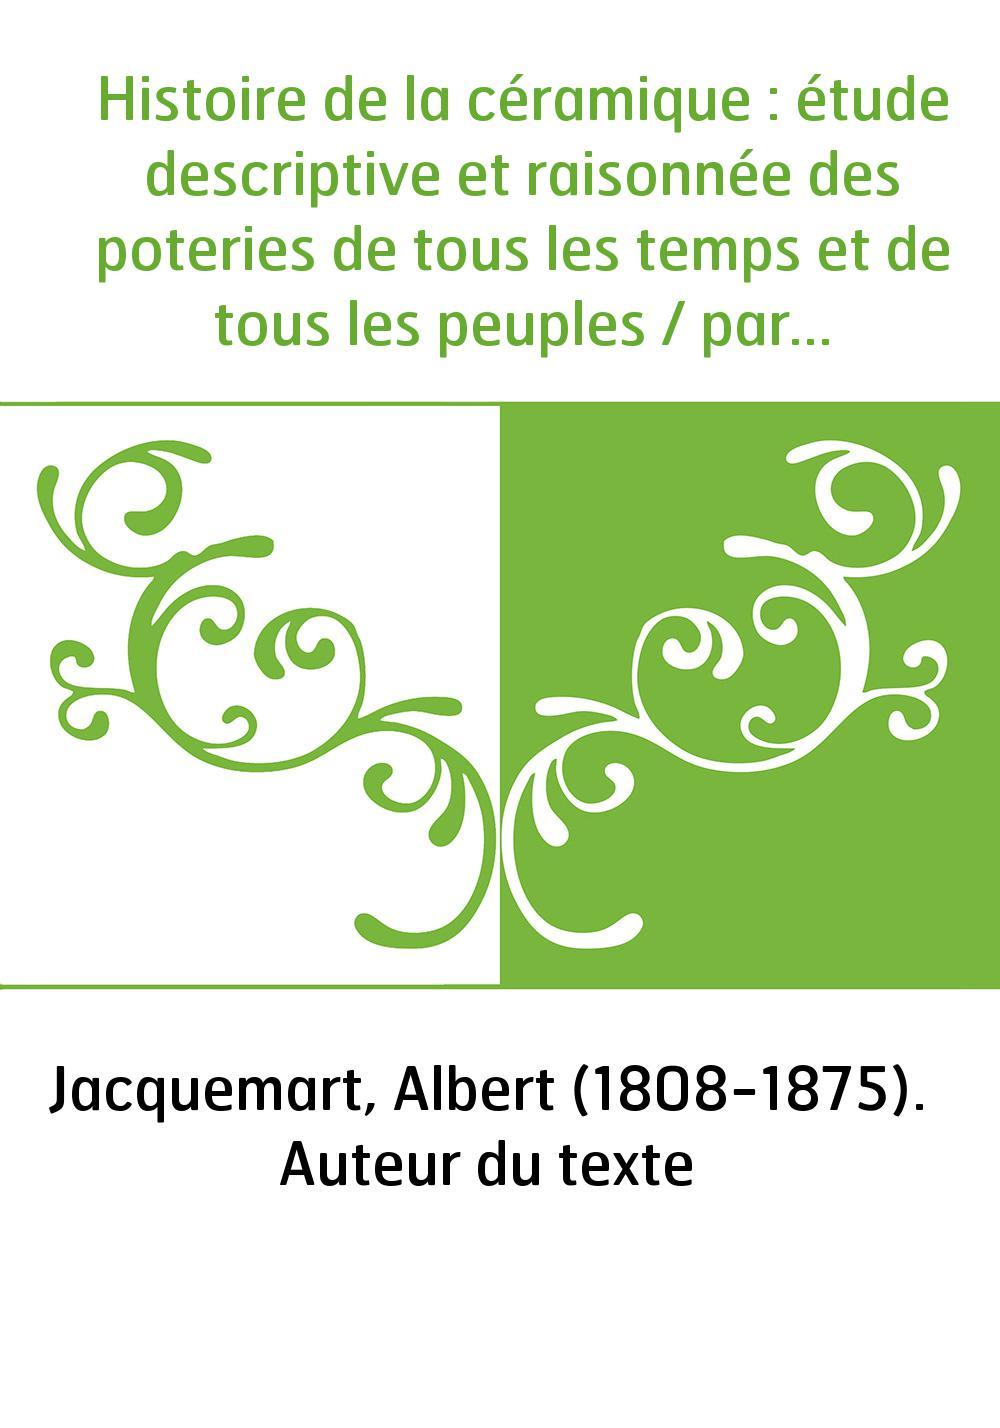 Histoire de la céramique : étude descriptive et raisonnée des poteries de tous les temps et de tous les peuples / par Albert Jac